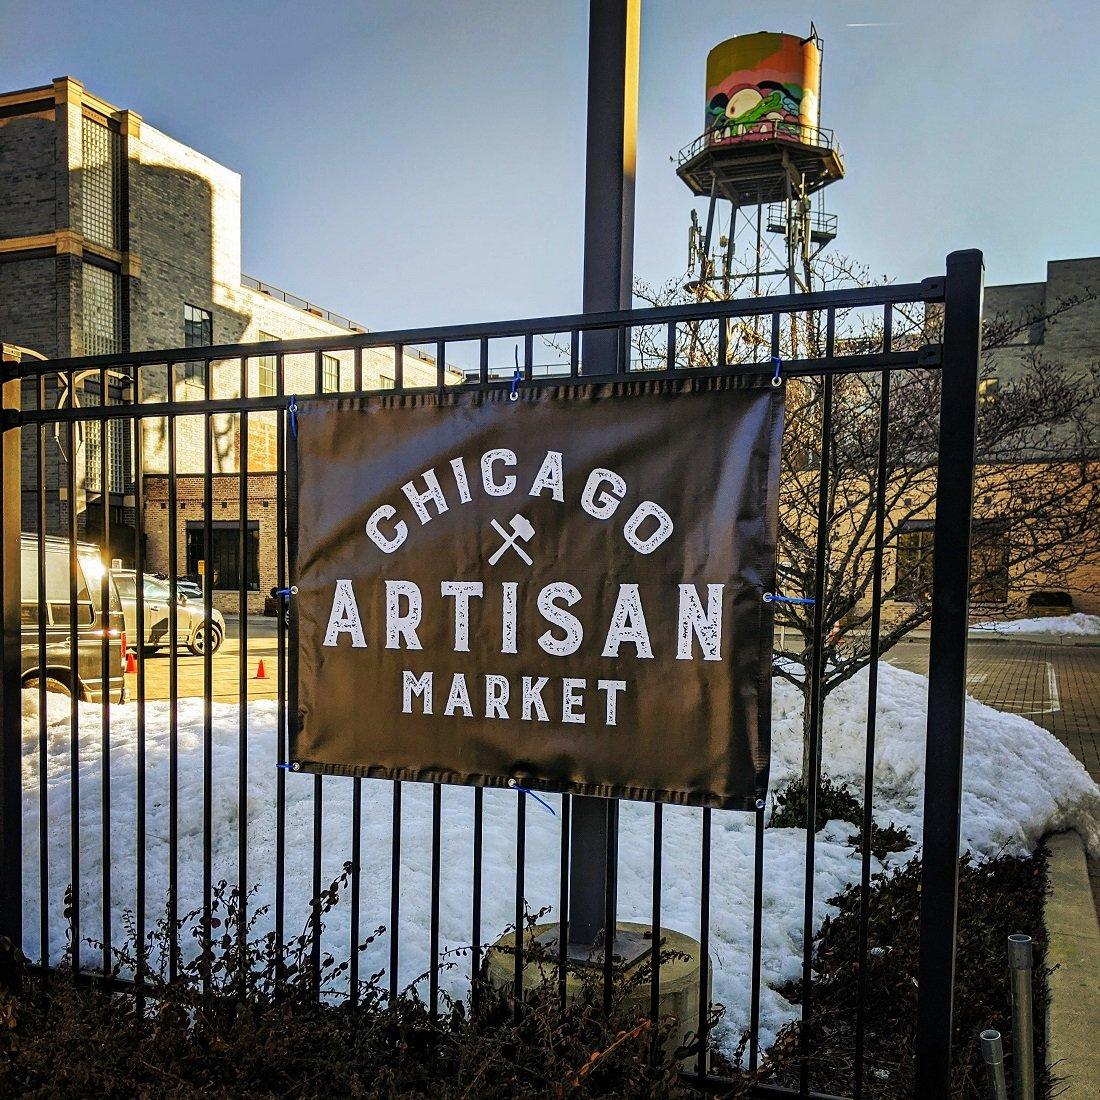 Chicago Artisan Market - Outside Banner